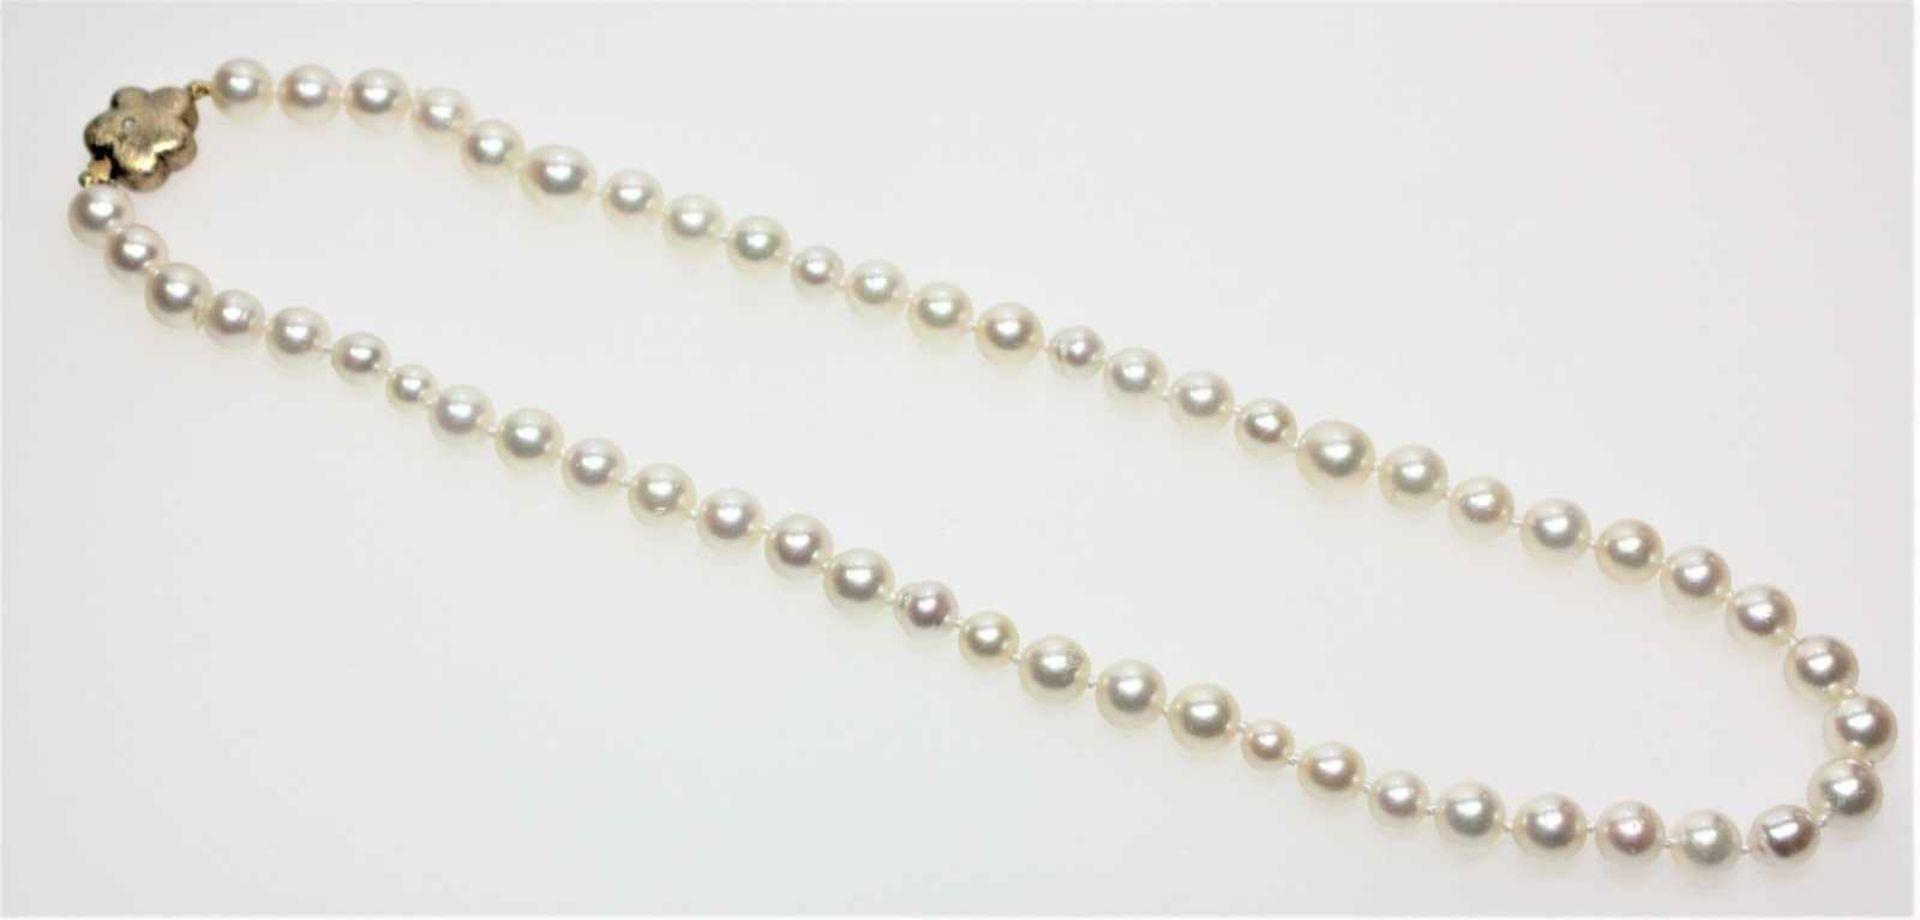 Zuchtperlenkette aus unterschiedlich großen Perlen, Durchmesser ca. 5,4 – 7,9 mm, blütenförmiges,